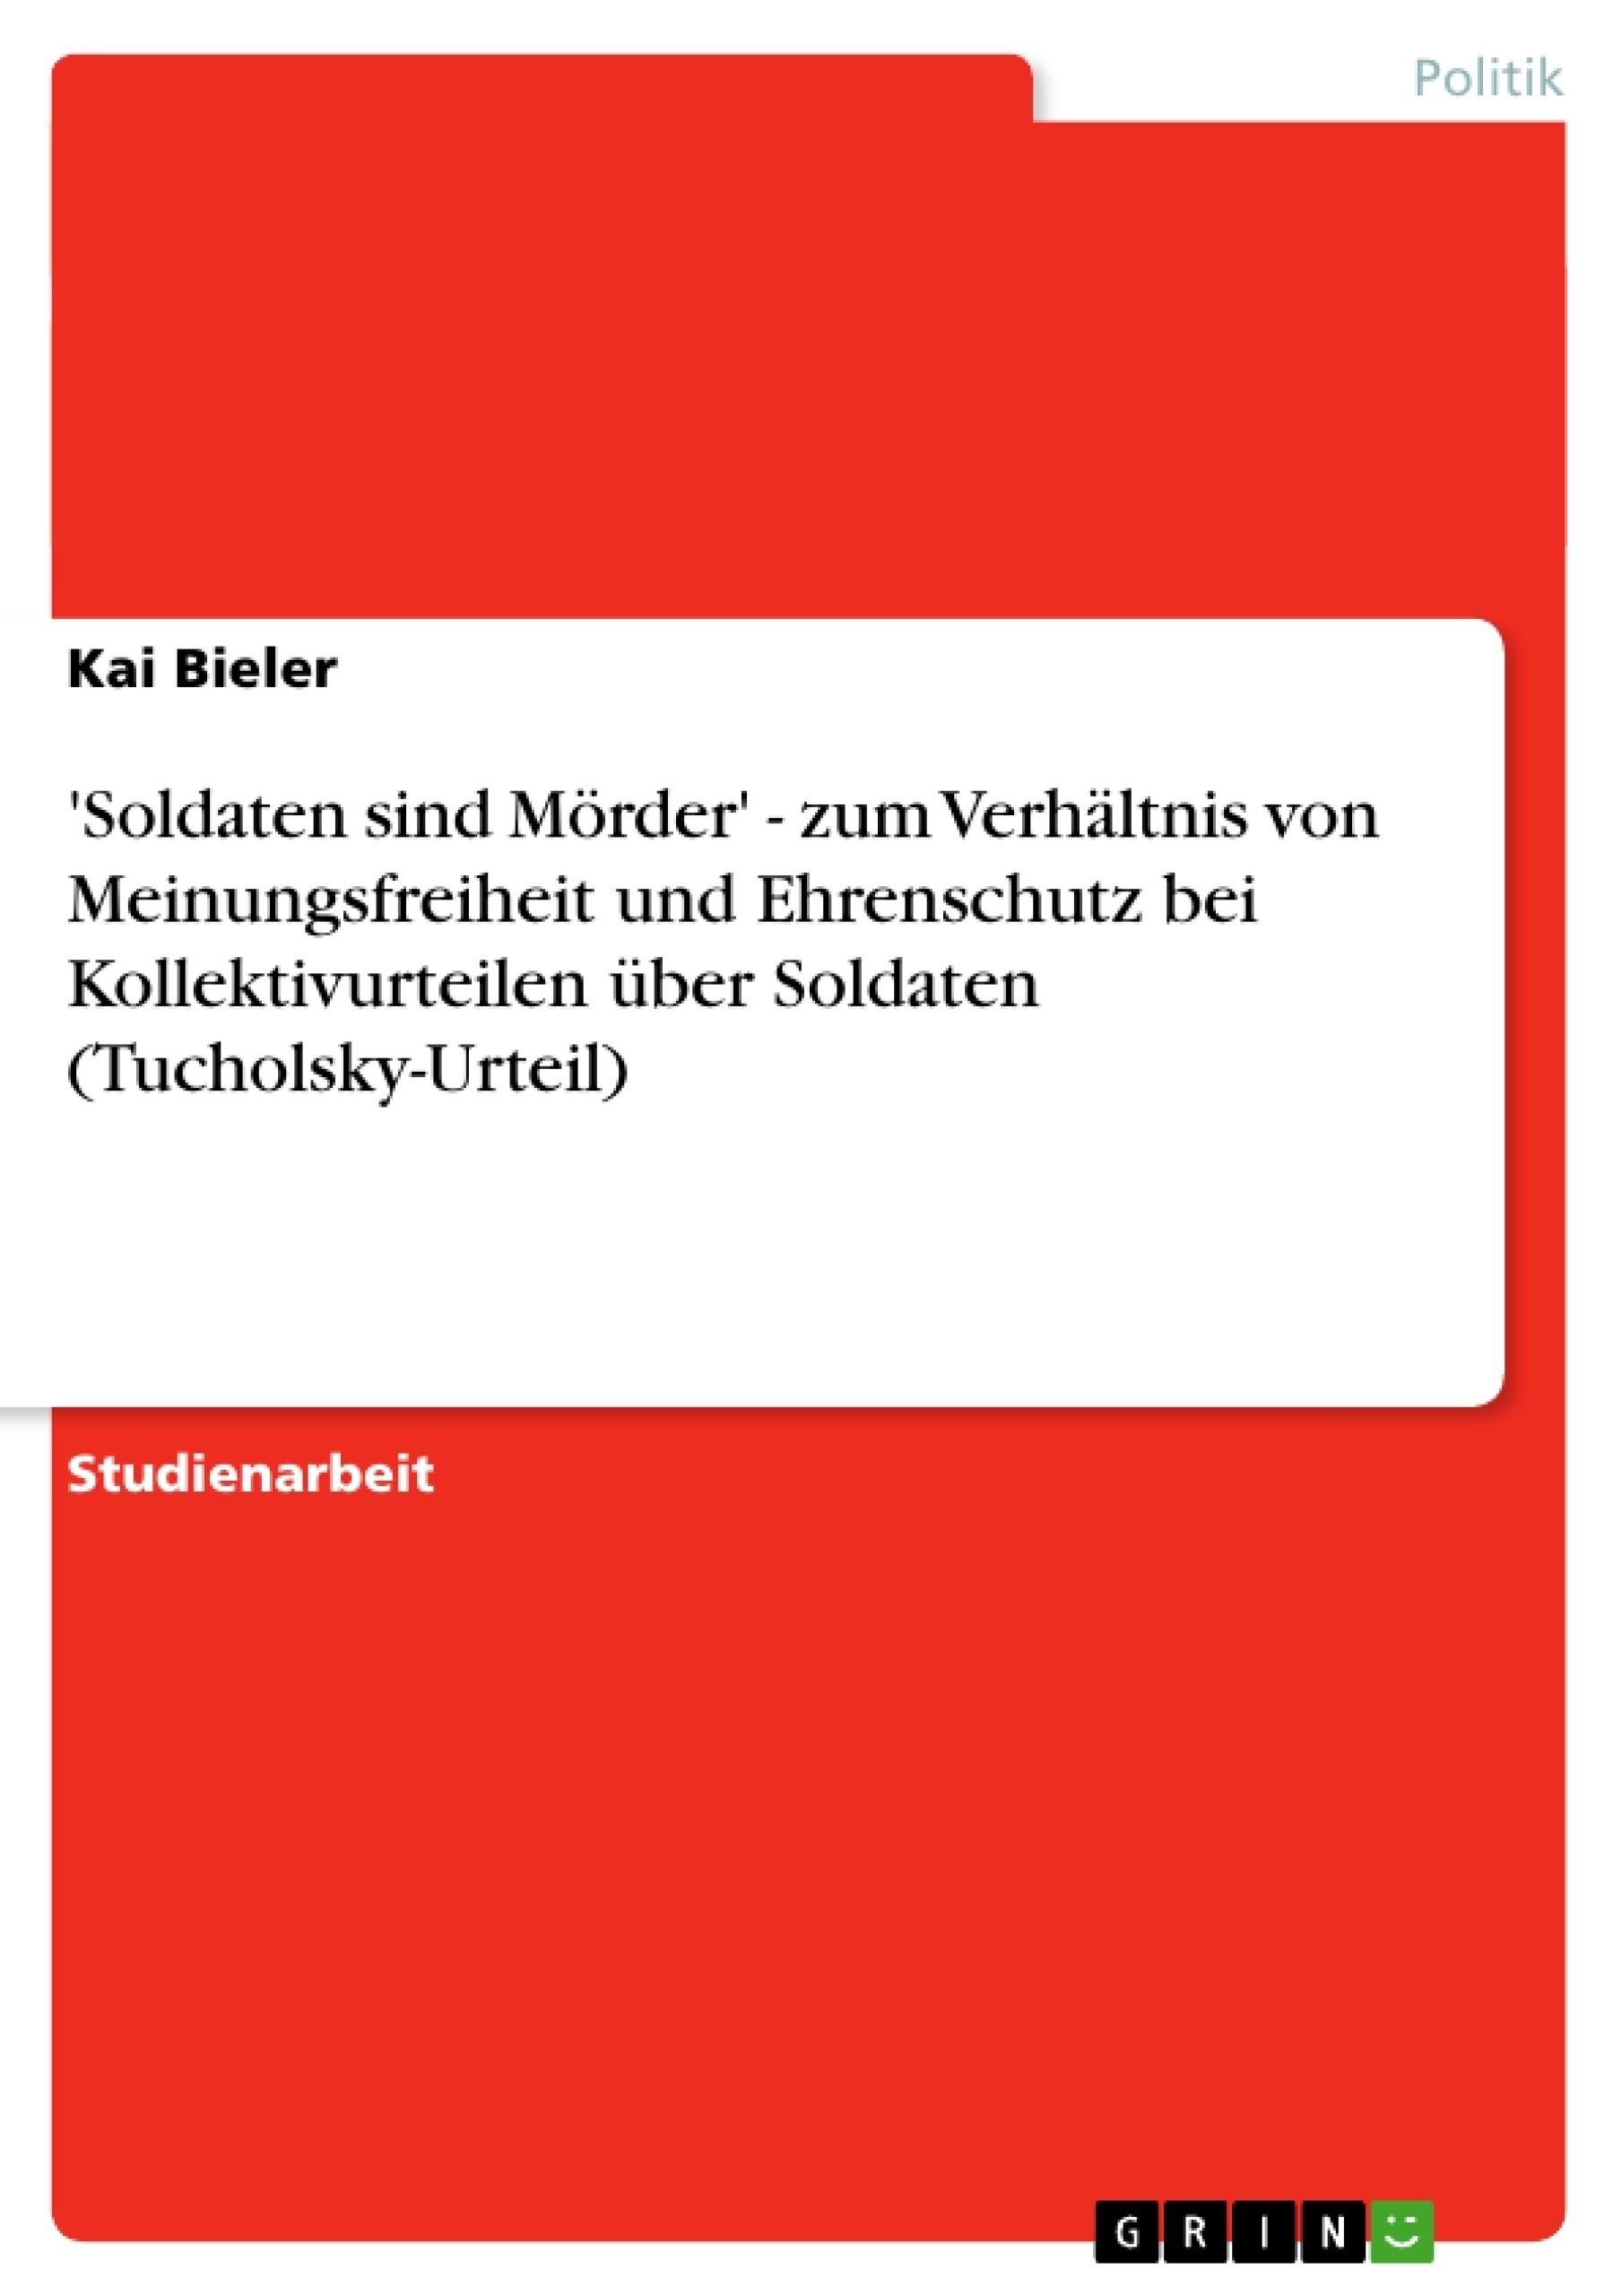 Titel: 'Soldaten sind Mörder' - zum Verhältnis von Meinungsfreiheit und Ehrenschutz bei Kollektivurteilen über Soldaten (Tucholsky-Urteil)